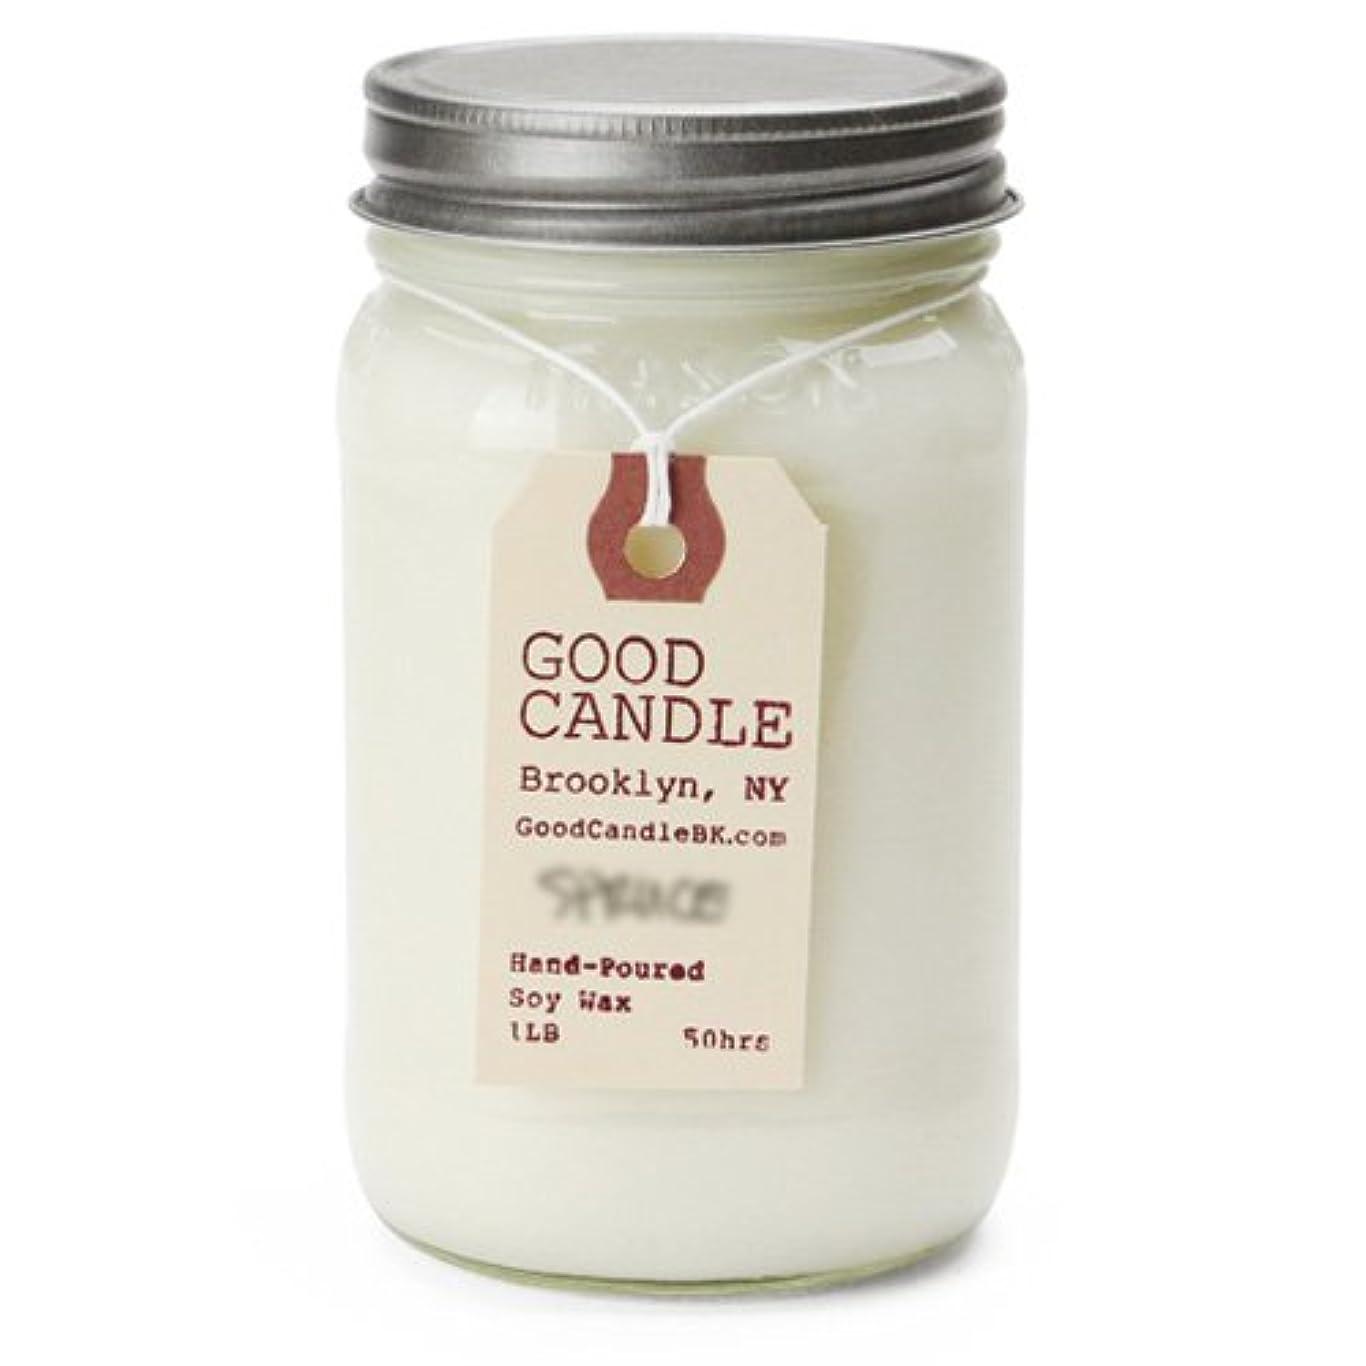 松明耐えられないアーサーグッドキャンドル 1ポンド メイソンジャー キャンドル Good Candle 1LB Mason jar candle [ bayberry ] 正規品